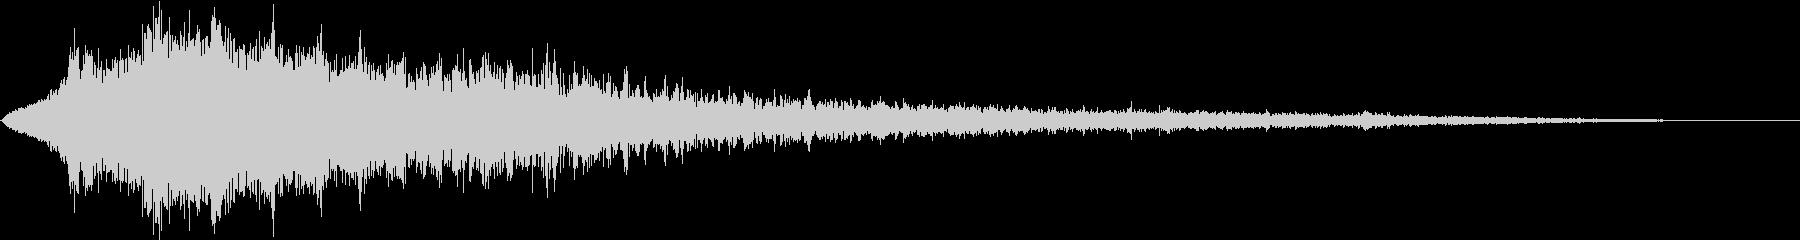 可愛いループ、ワープ、瞬間移動の音の未再生の波形